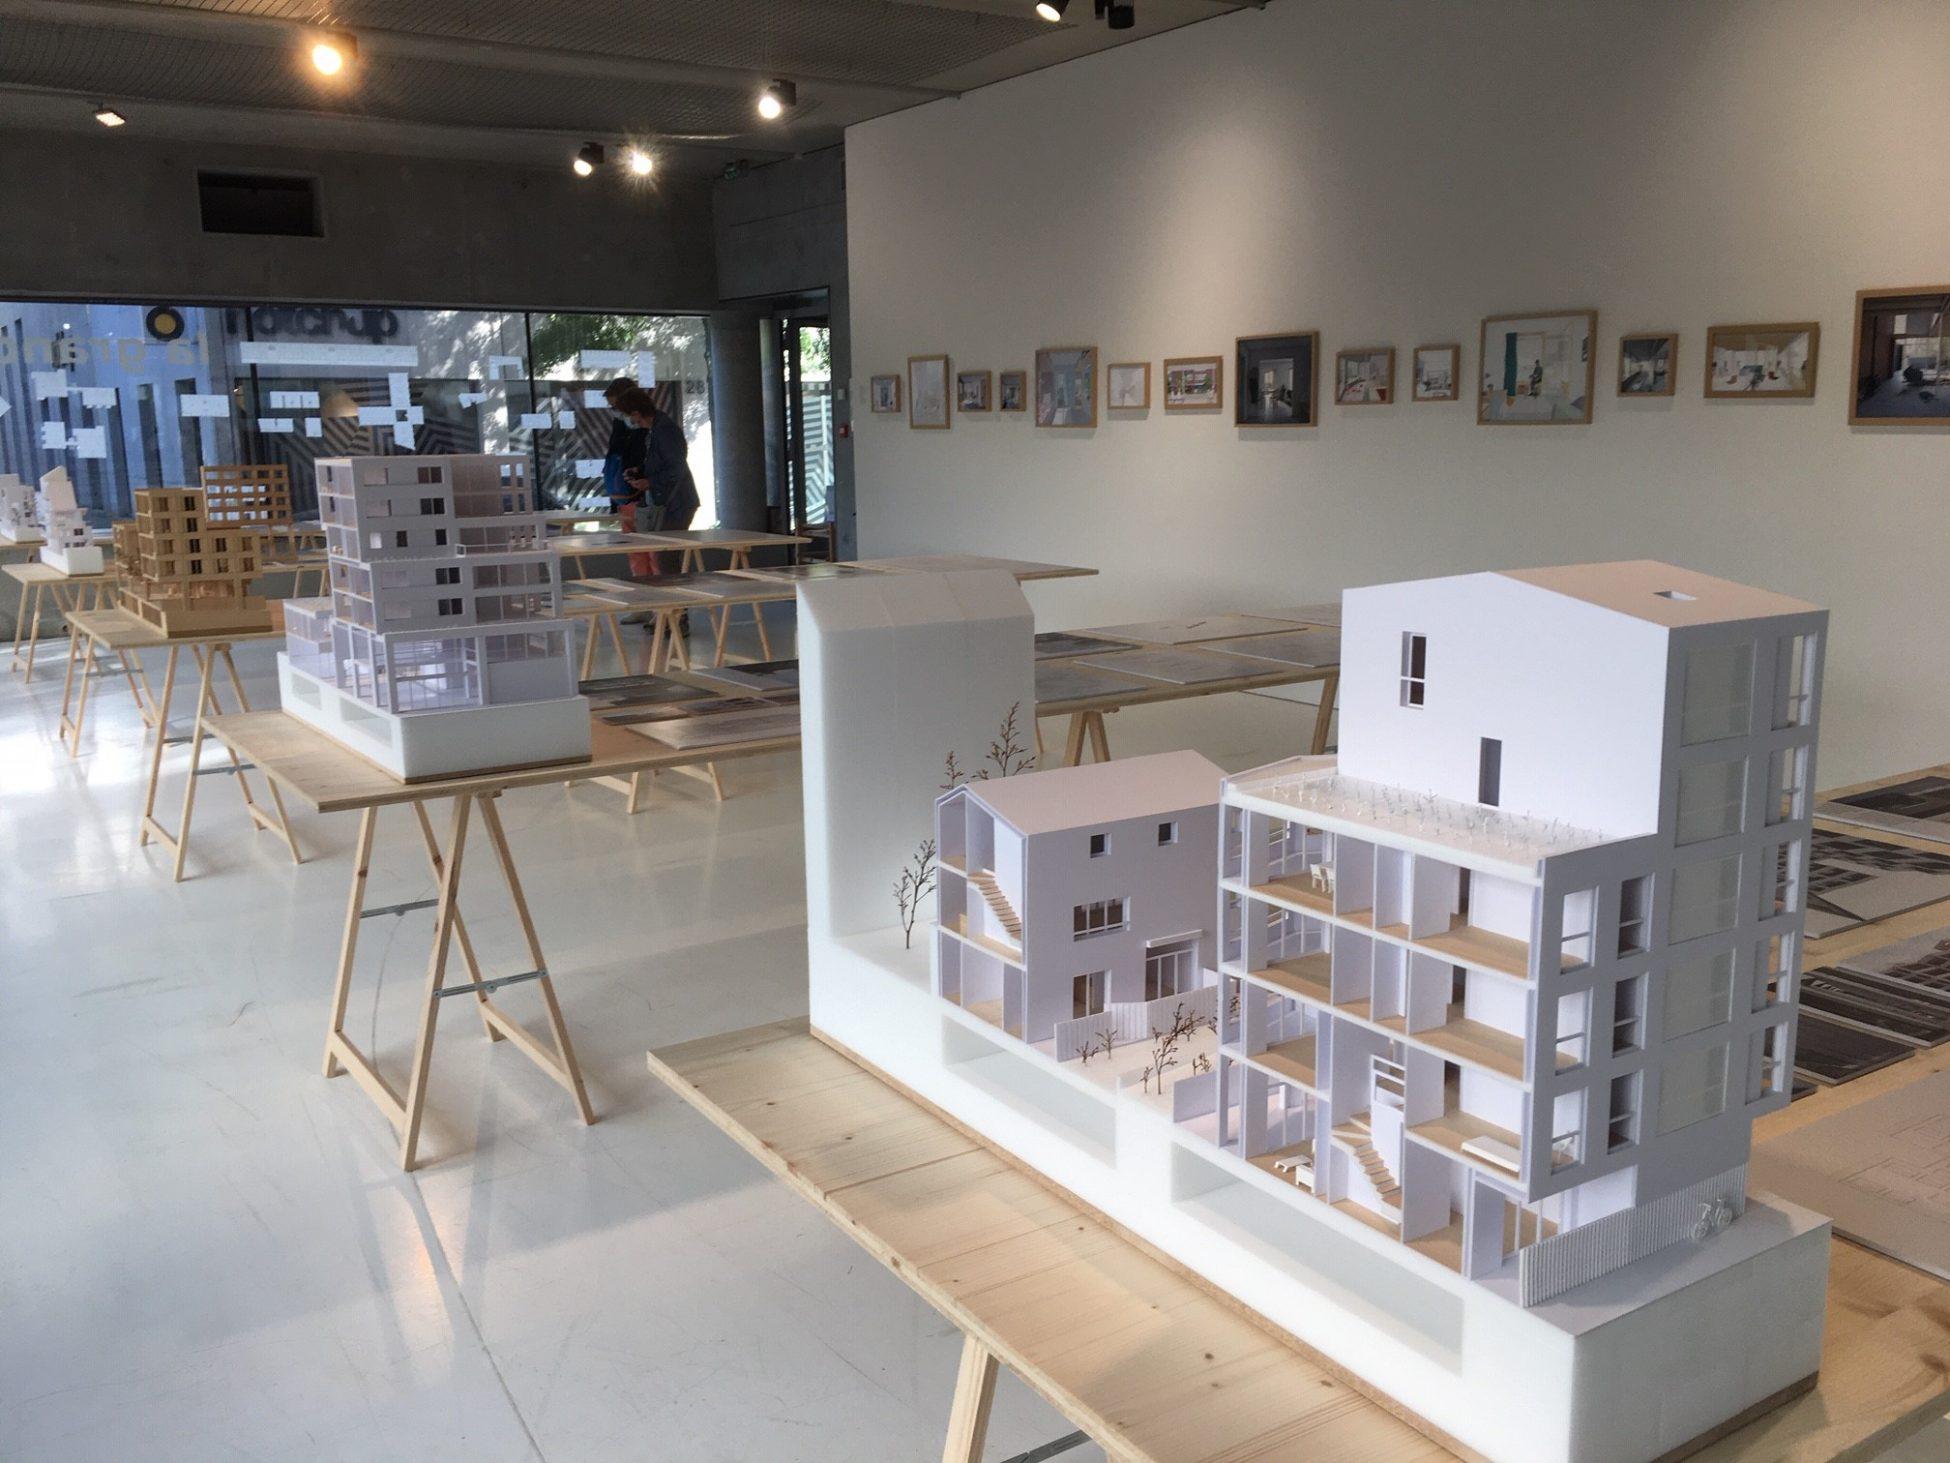 Expo ScenesDomestiques scaled - « Scènes Domestiques » - Exposer l'architecture